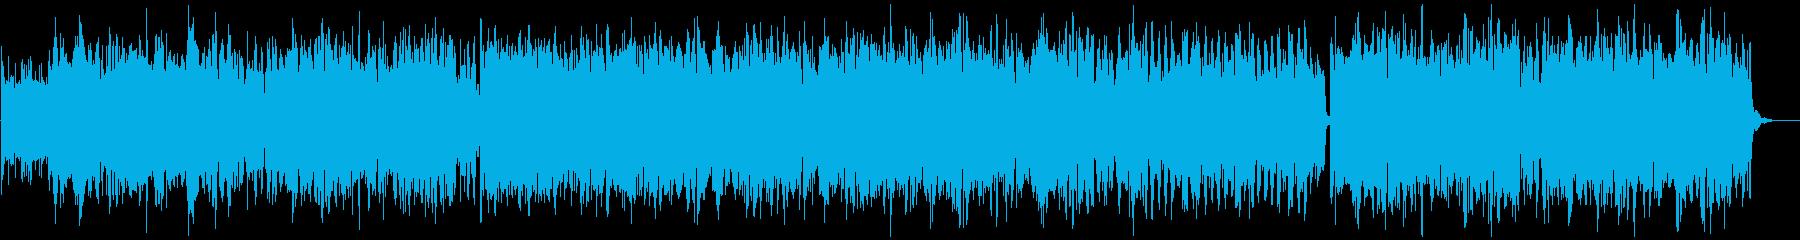 【リズム無し】明るくワクワクするようなケの再生済みの波形